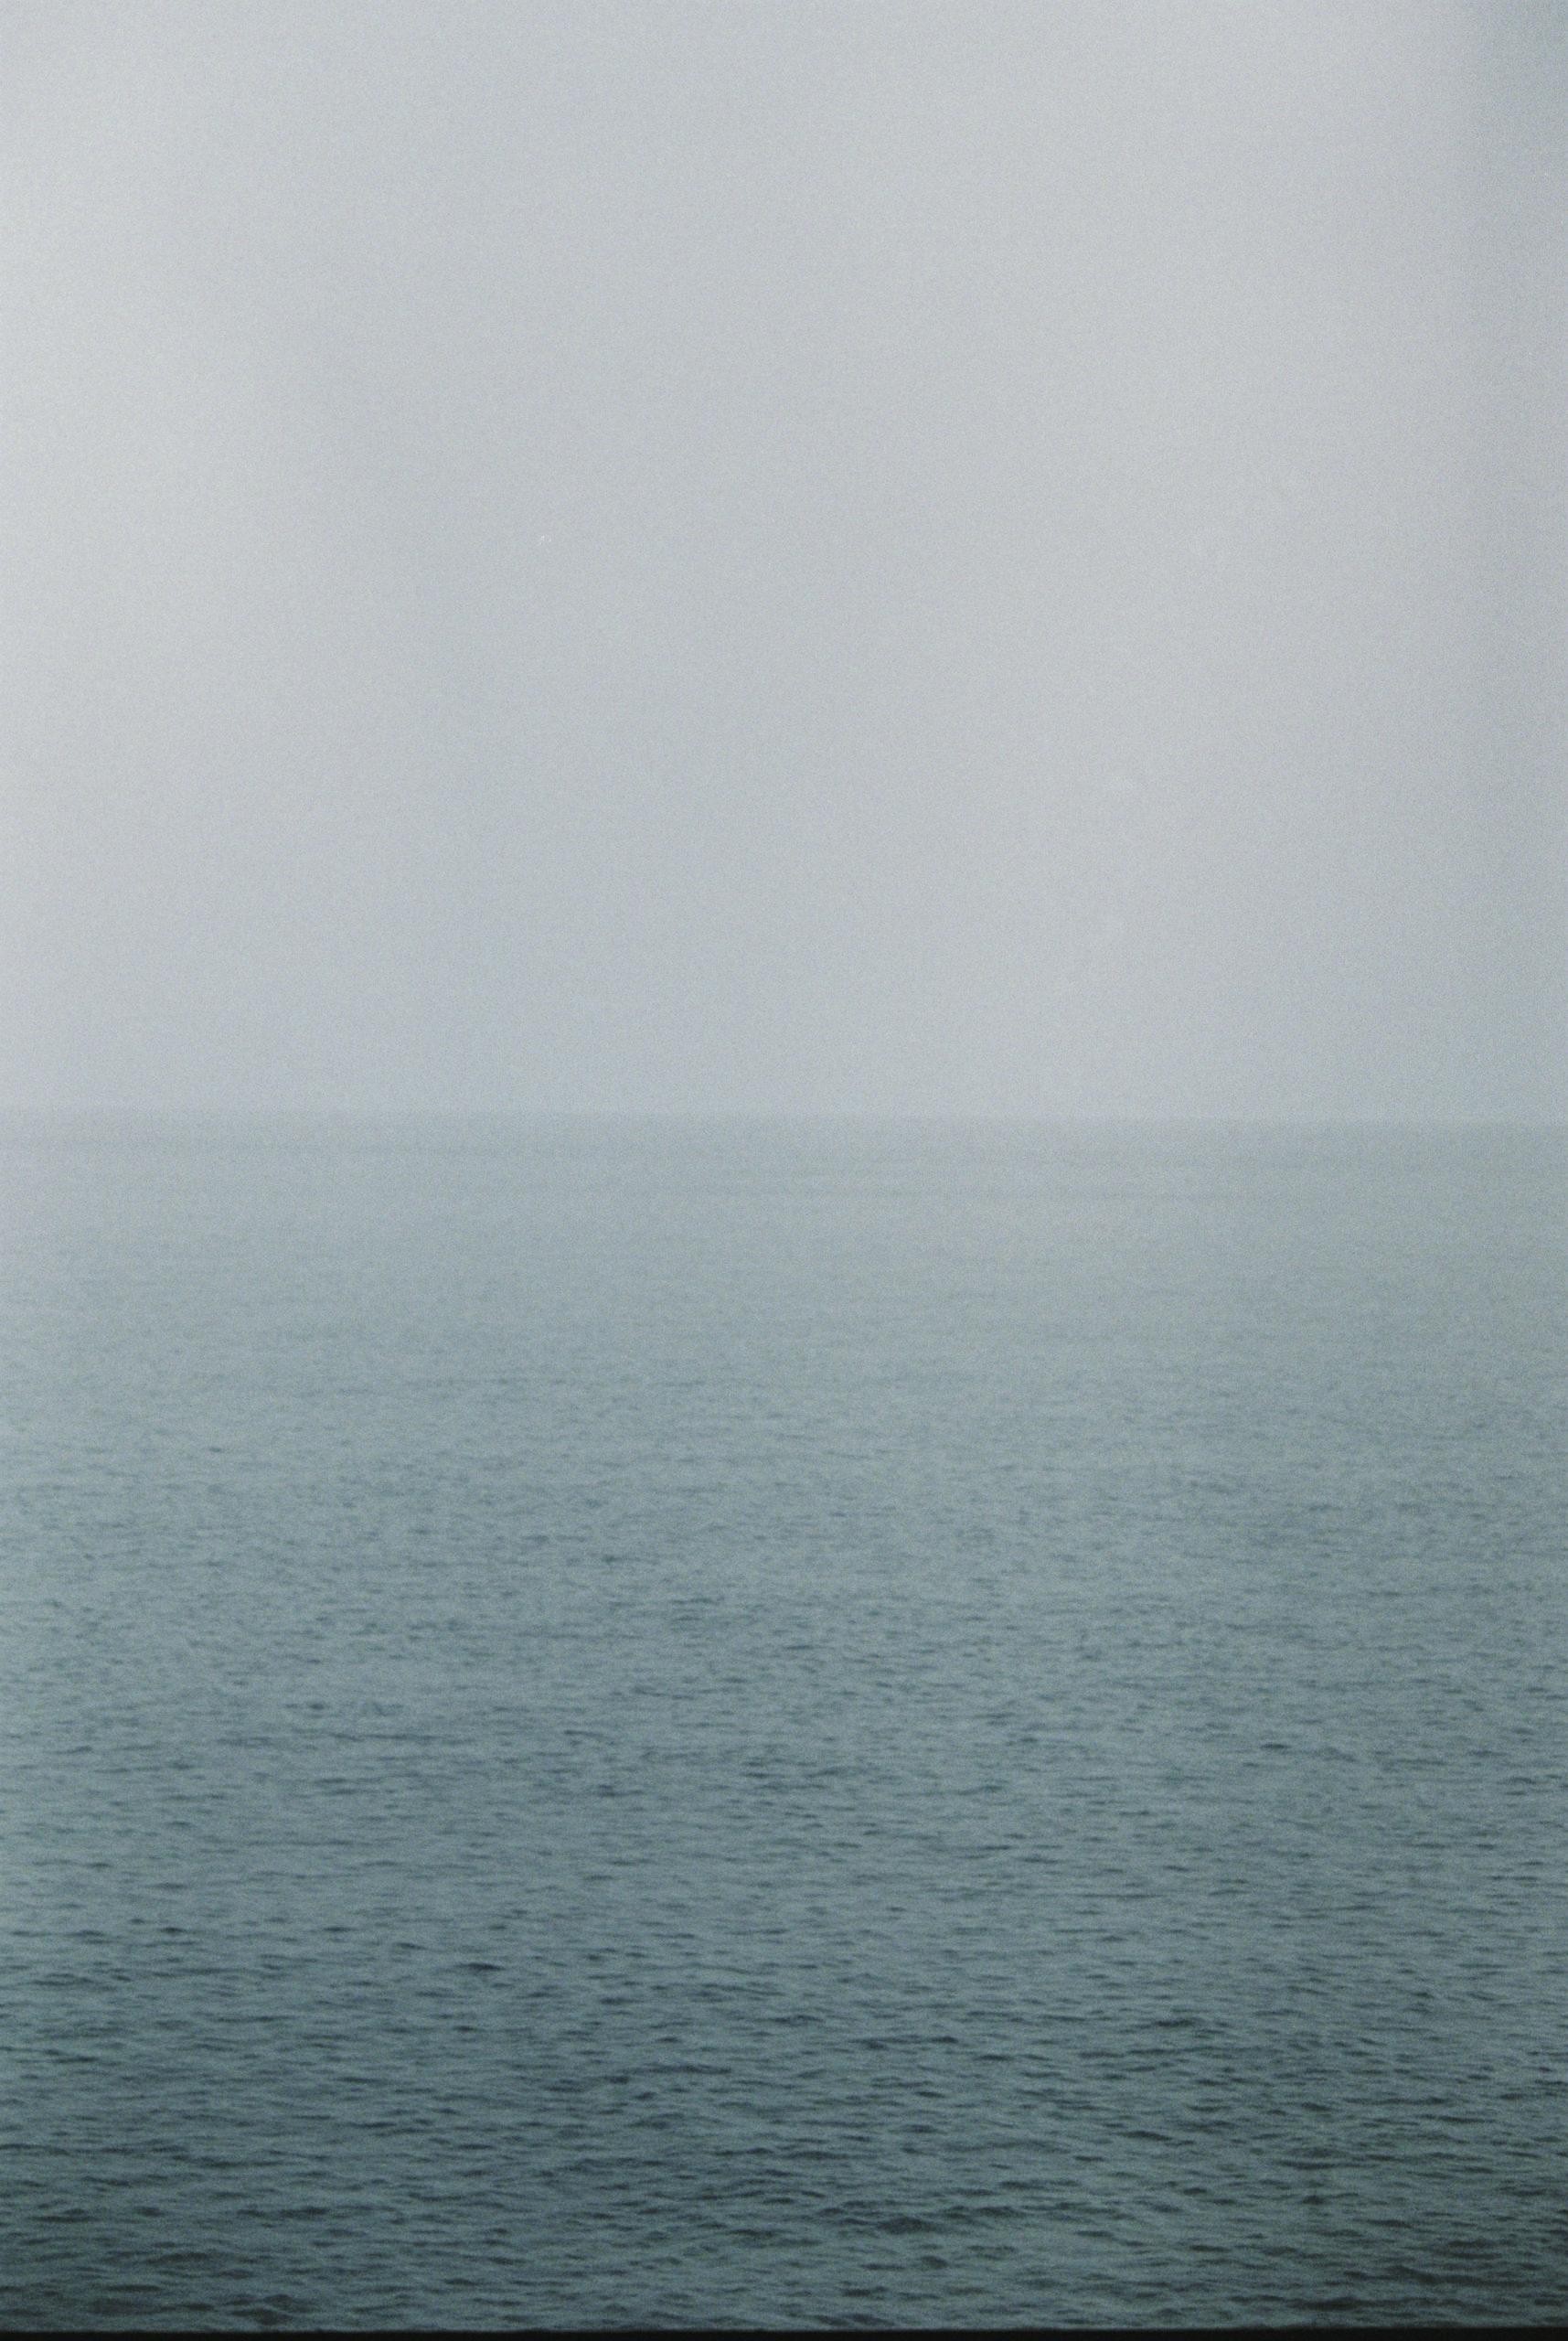 horizon lost